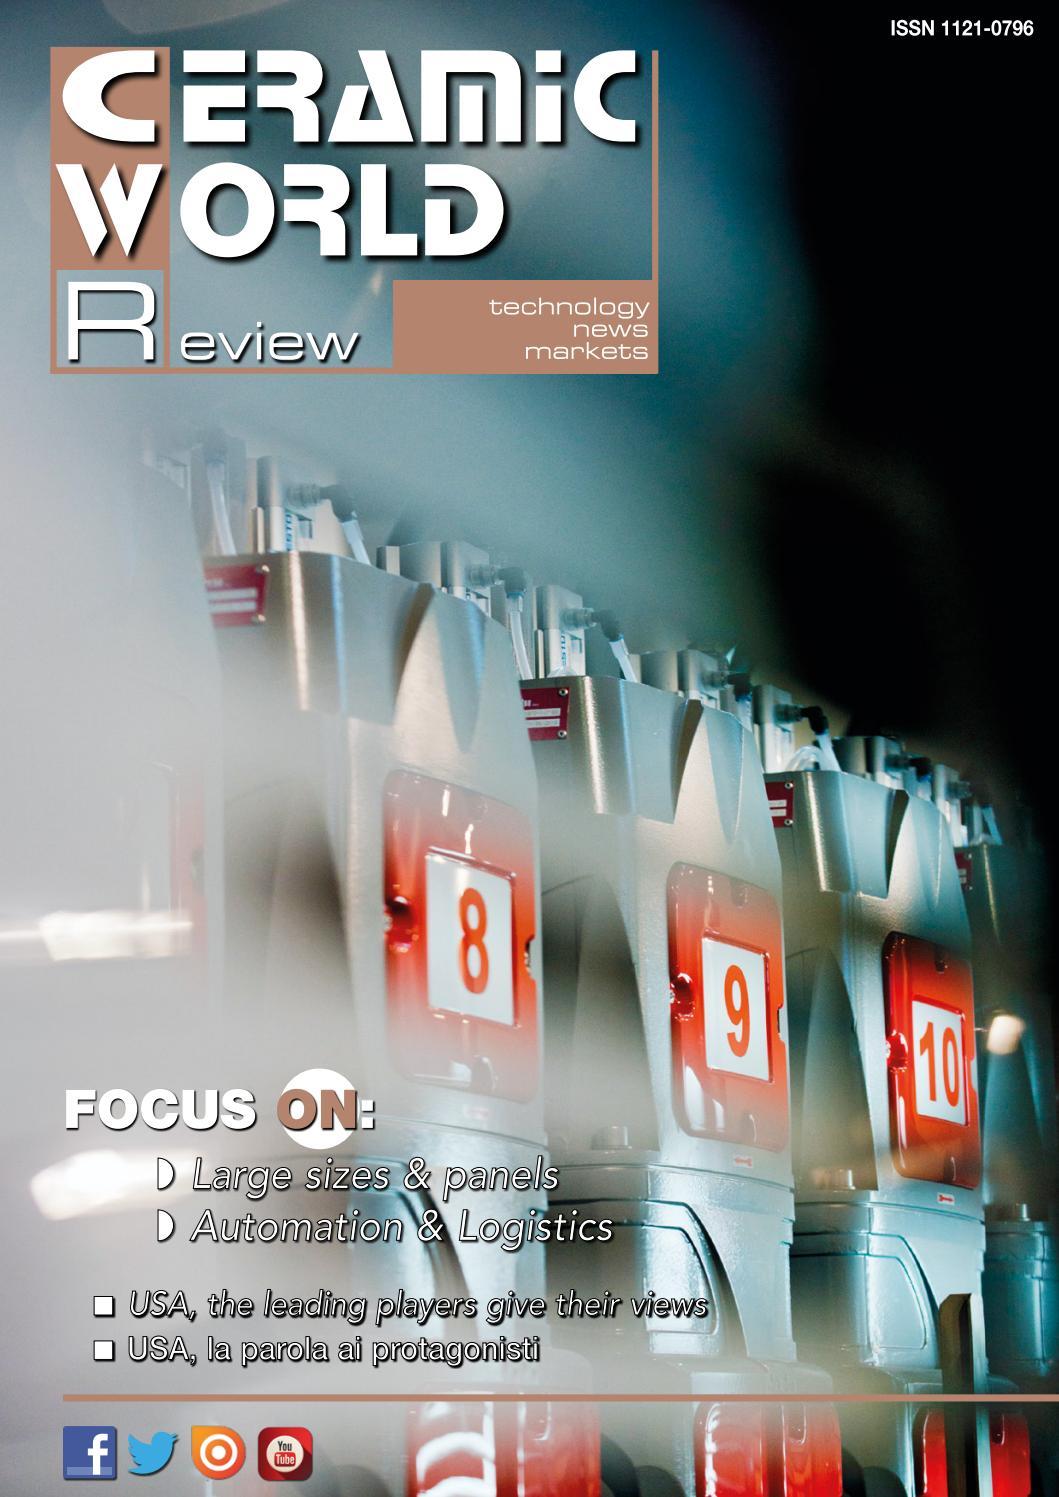 Martinelli Group Confezioni Srl.Ceramic World Review 130 2019 By Tile Edizioni Issuu